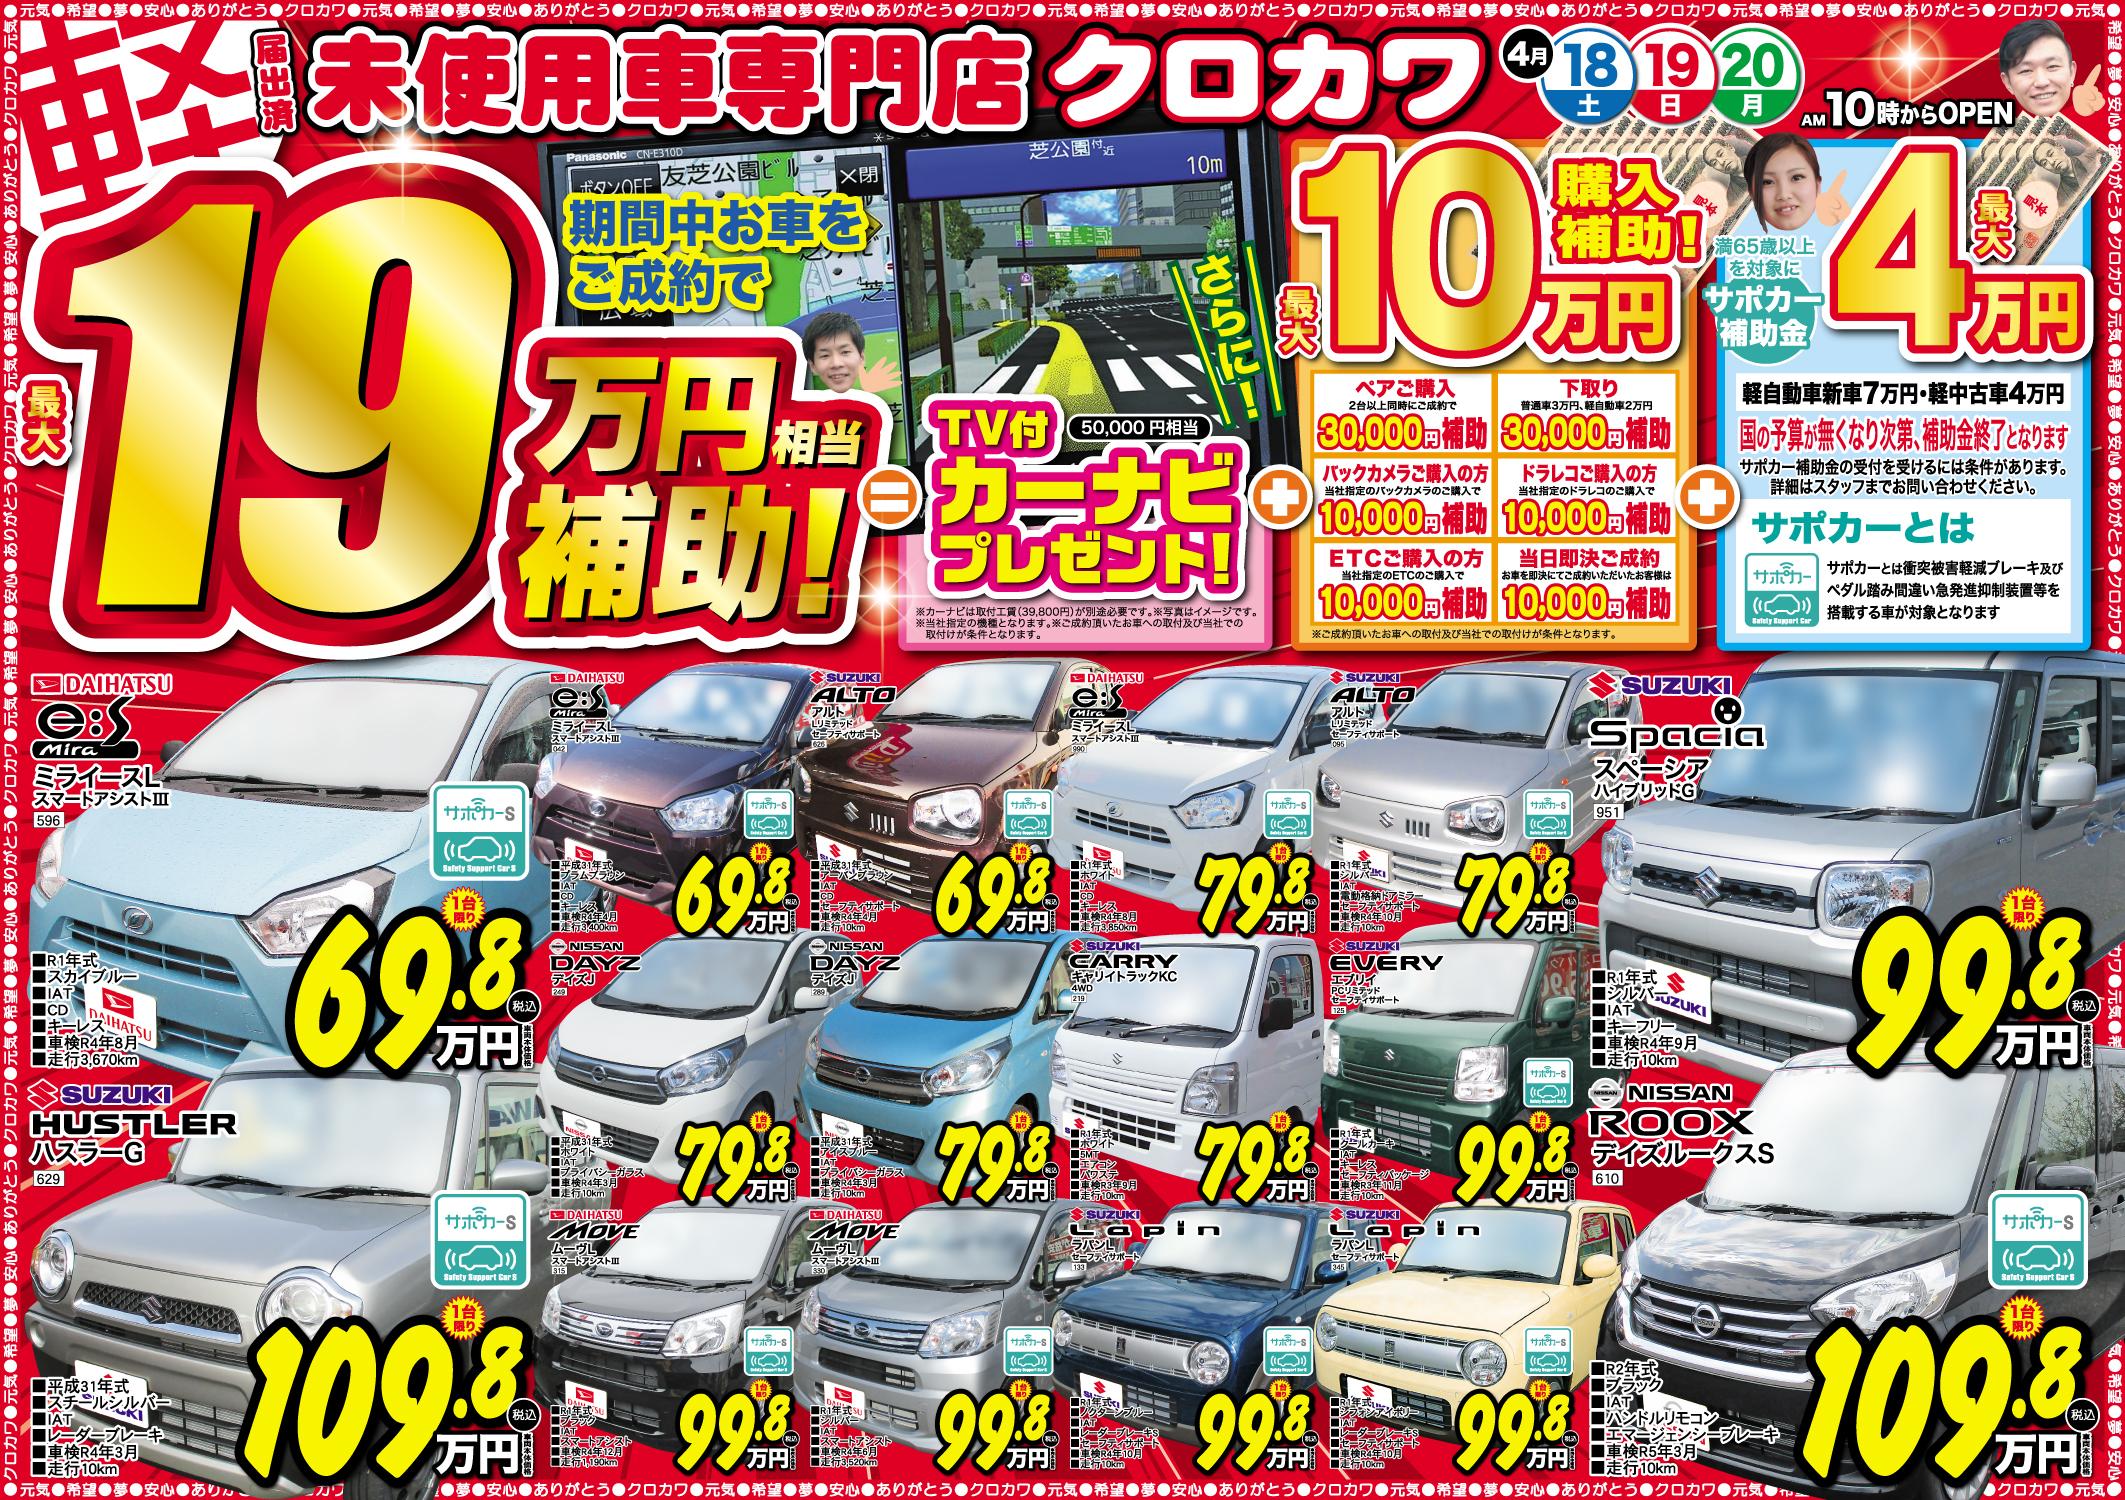 【期間中お車ご成約で】最大19万円相当の補助!